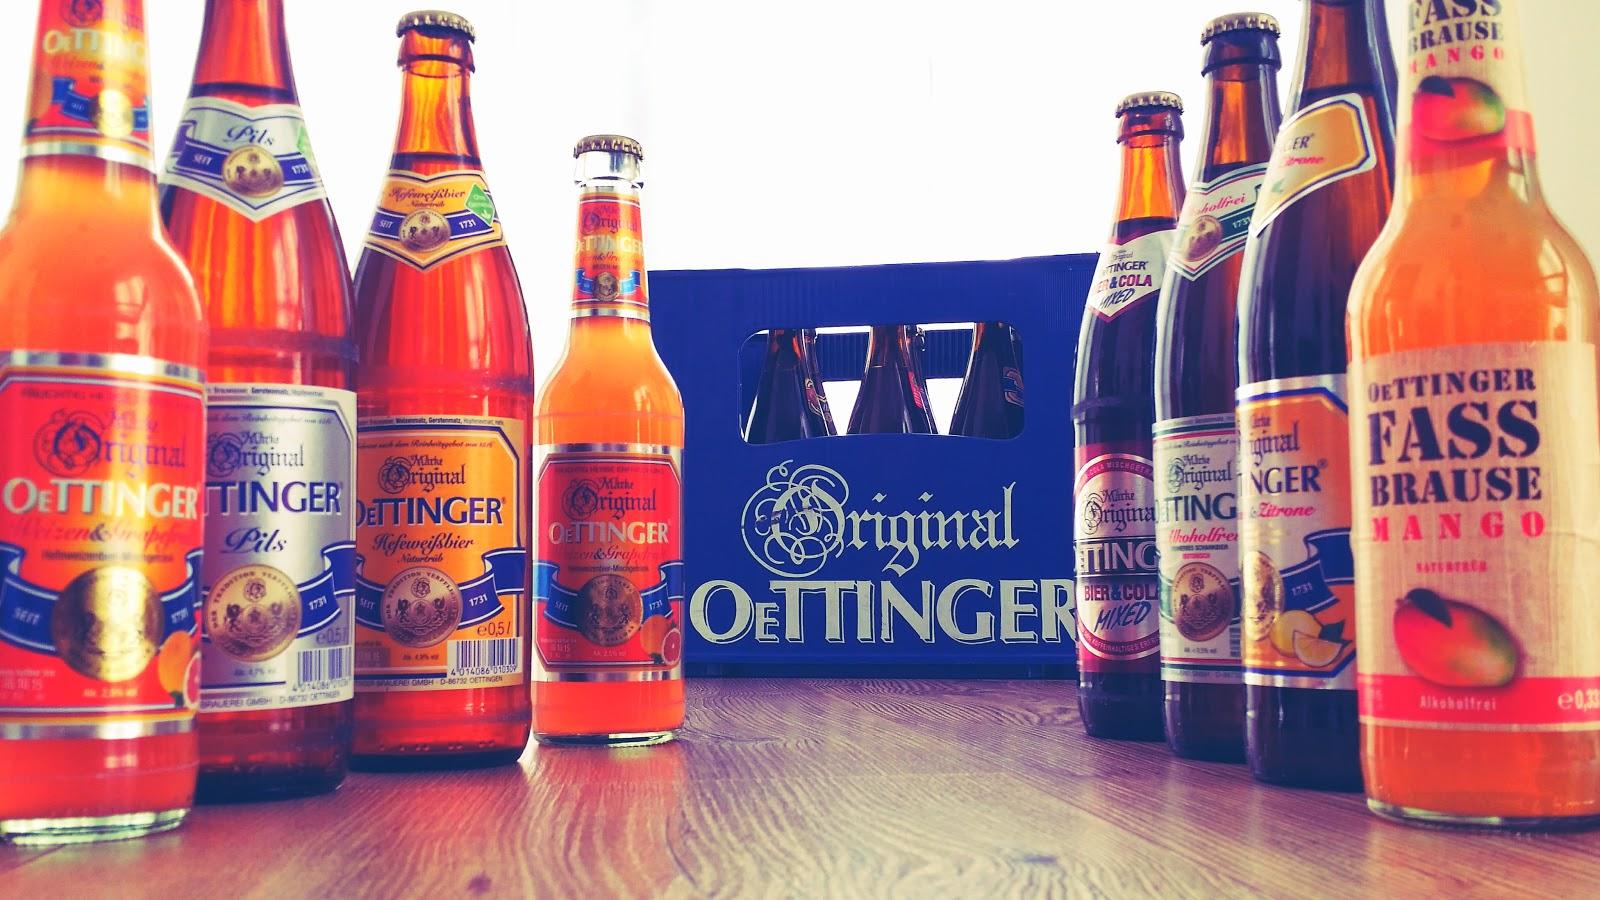 Atomlabor Blog Tipp : NULL Schnickschnack - 100% Bier | OeTTINGER – Deutschlands Biermarke Nr. 1 im Atomlabor